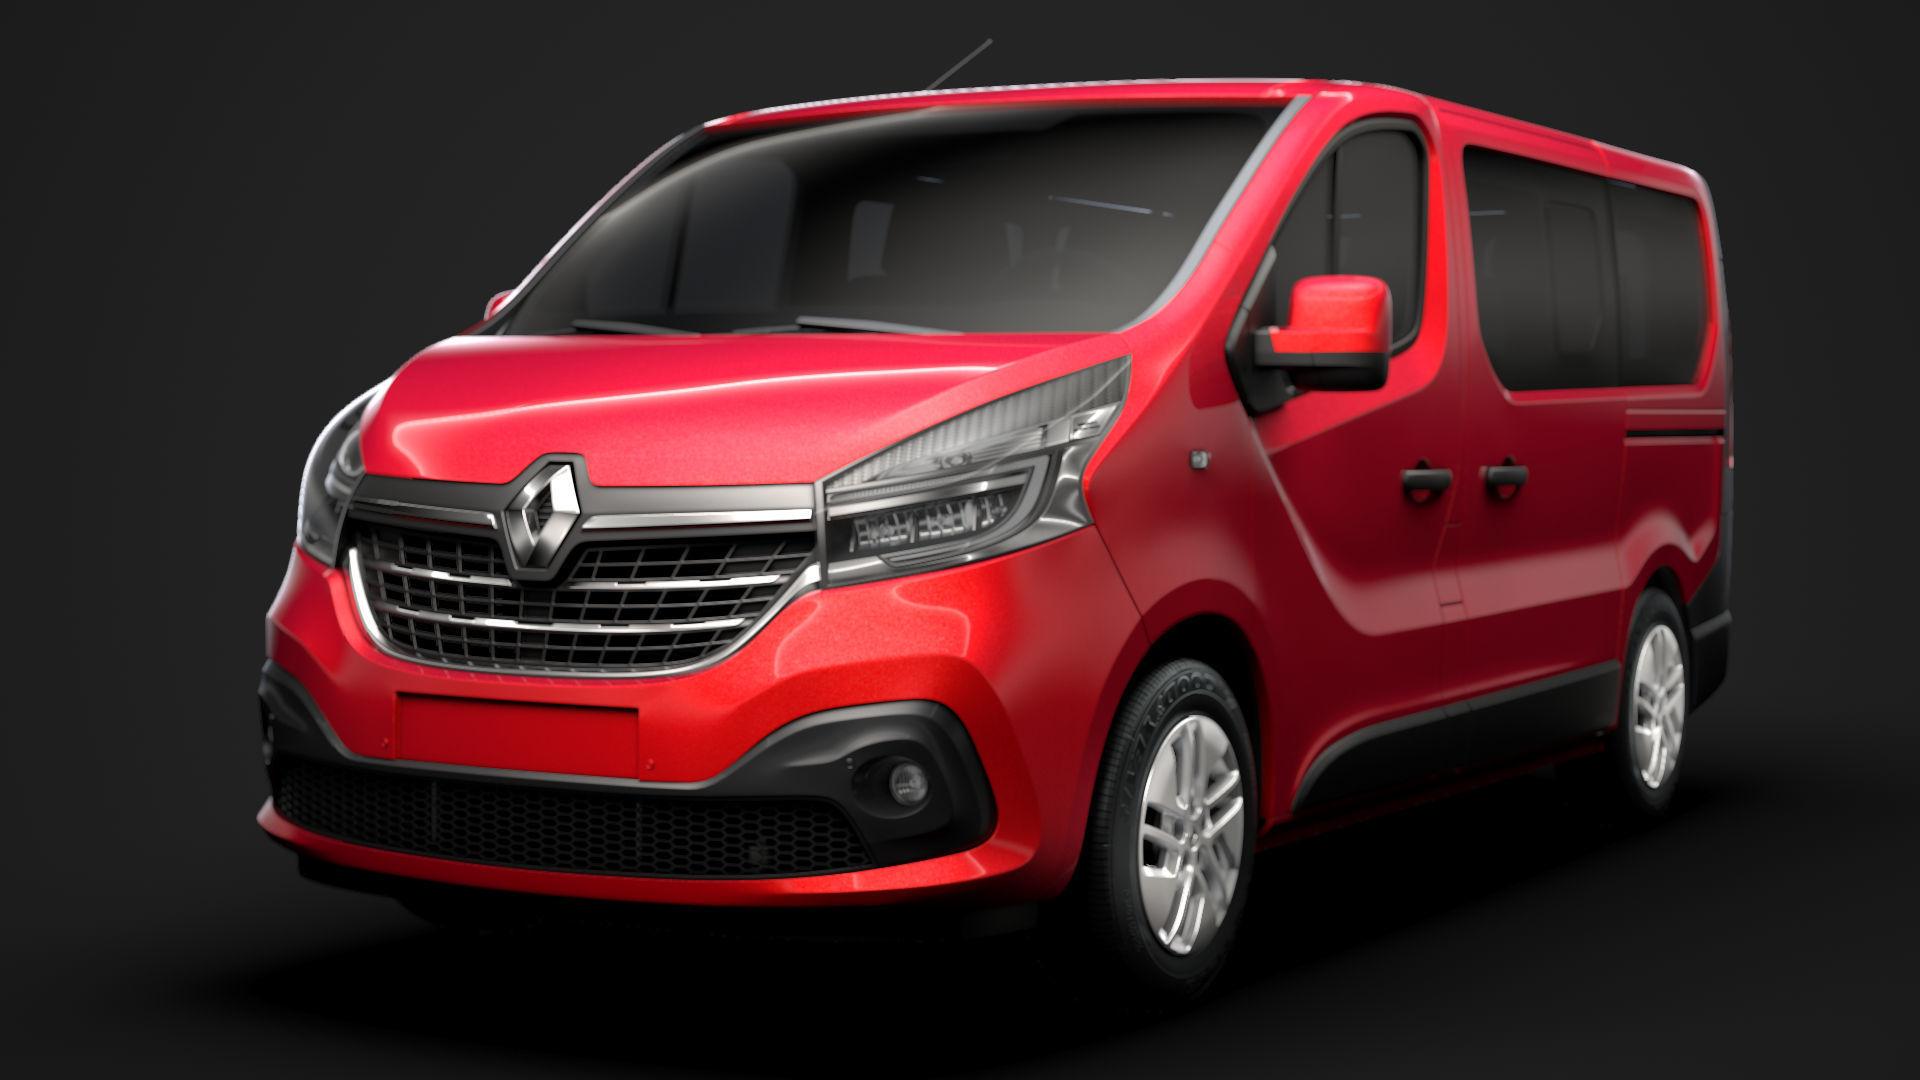 Renault Trafic Minibus 2020 3D | CGTrader